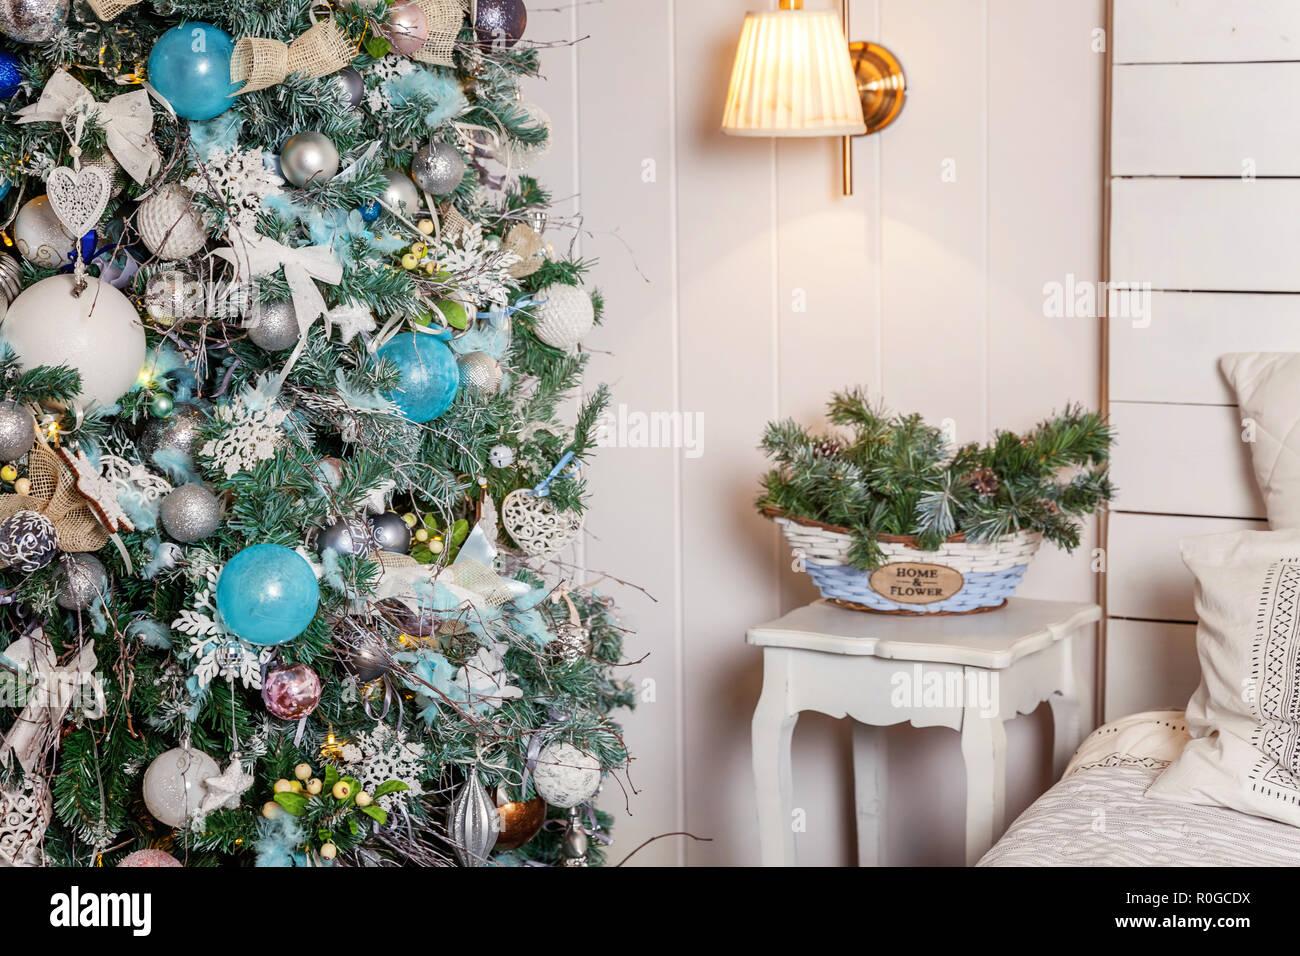 Natale Classico Decorata Sala Interna Anno Nuovo Albero Albero Di